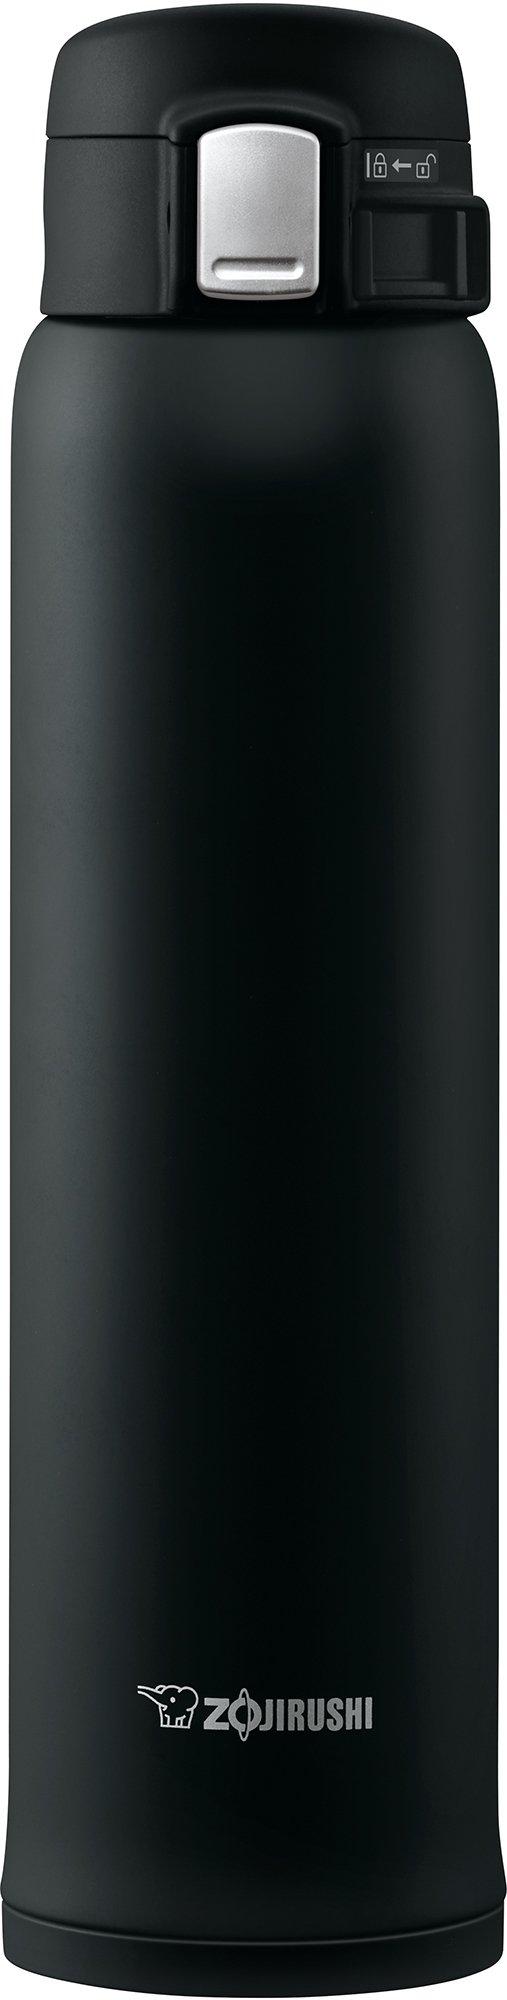 Zojirushi SM-SHE60BZ Stainless Steel Mug, 20 ounce, Black Matte